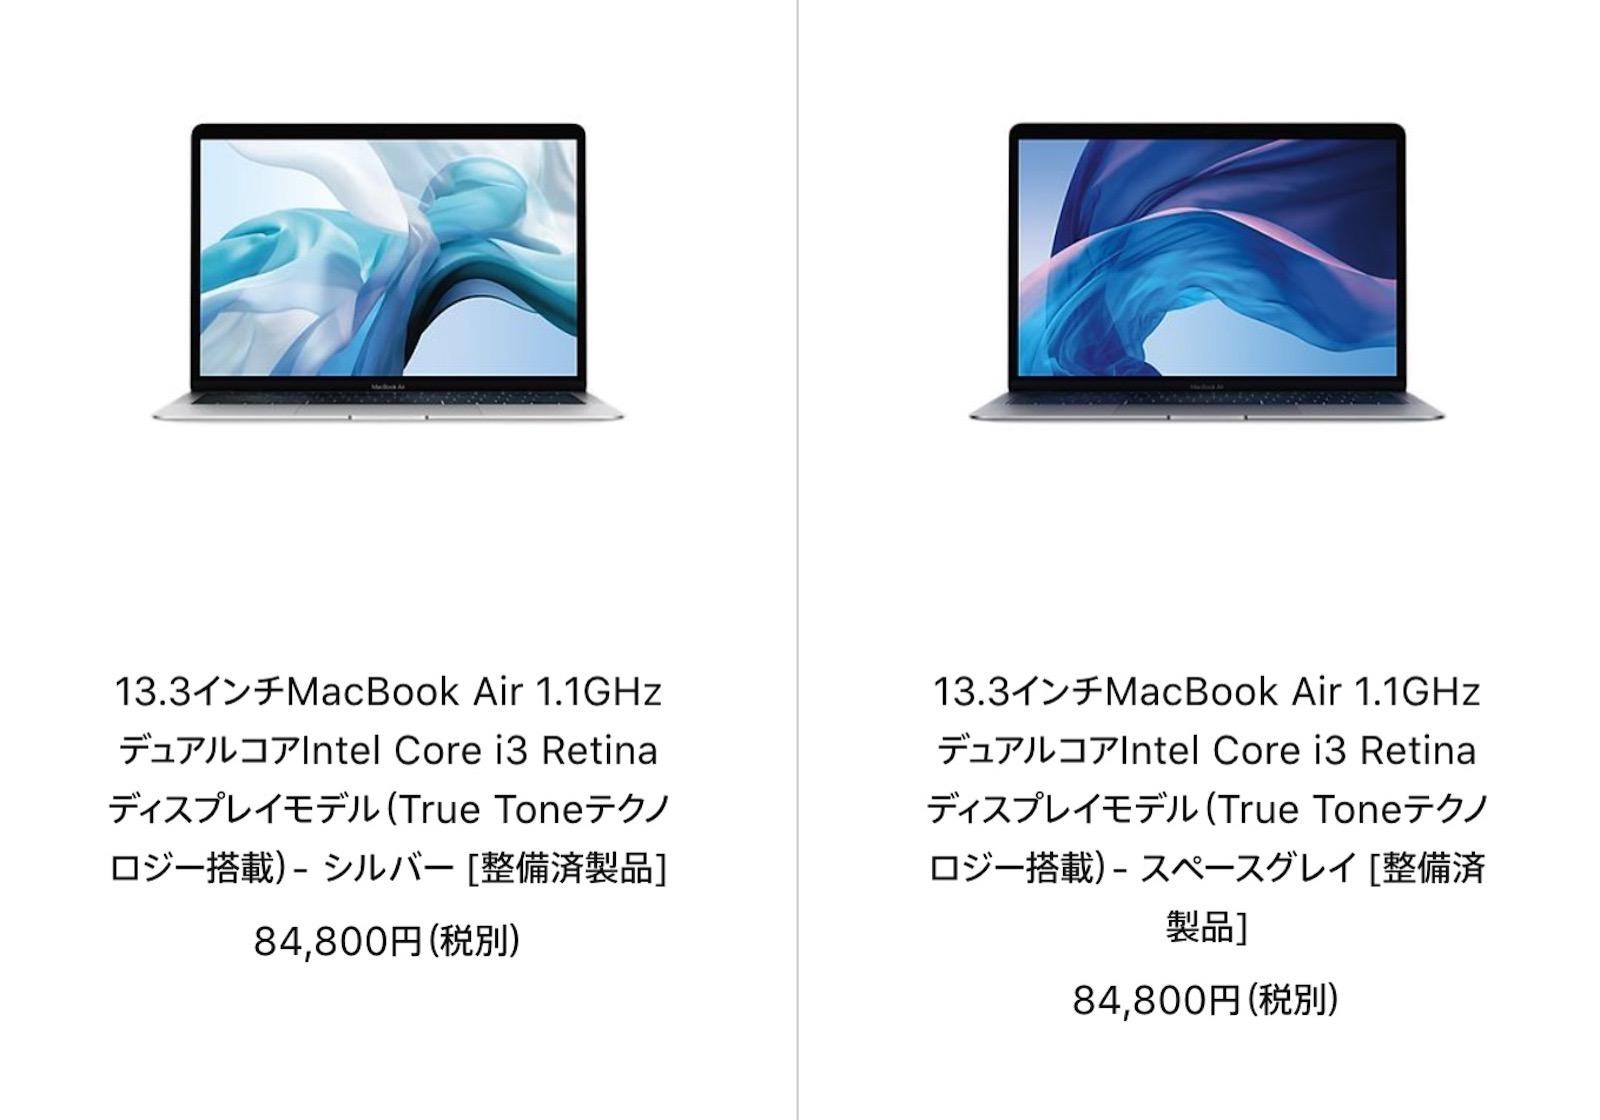 Macbook air rewfurbished models on sale